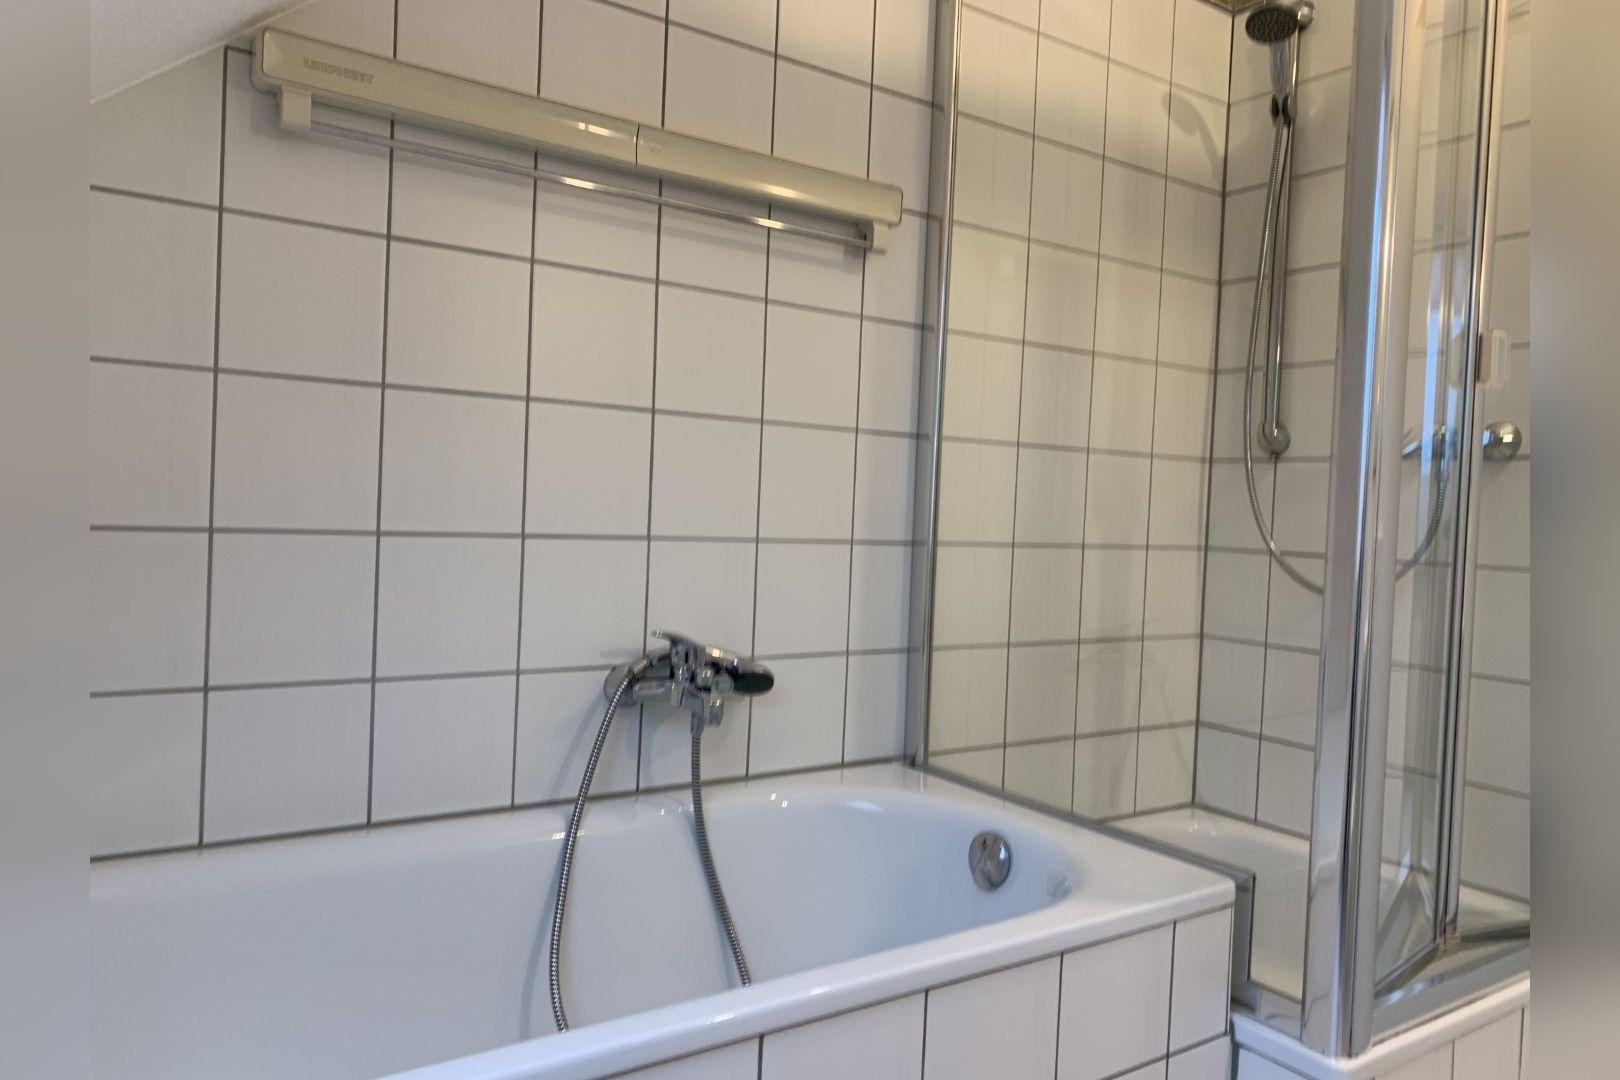 Immobilie Nr.0253 - 3-Zimmer-Maisonette-Wohnung  - Bild 13.jpg